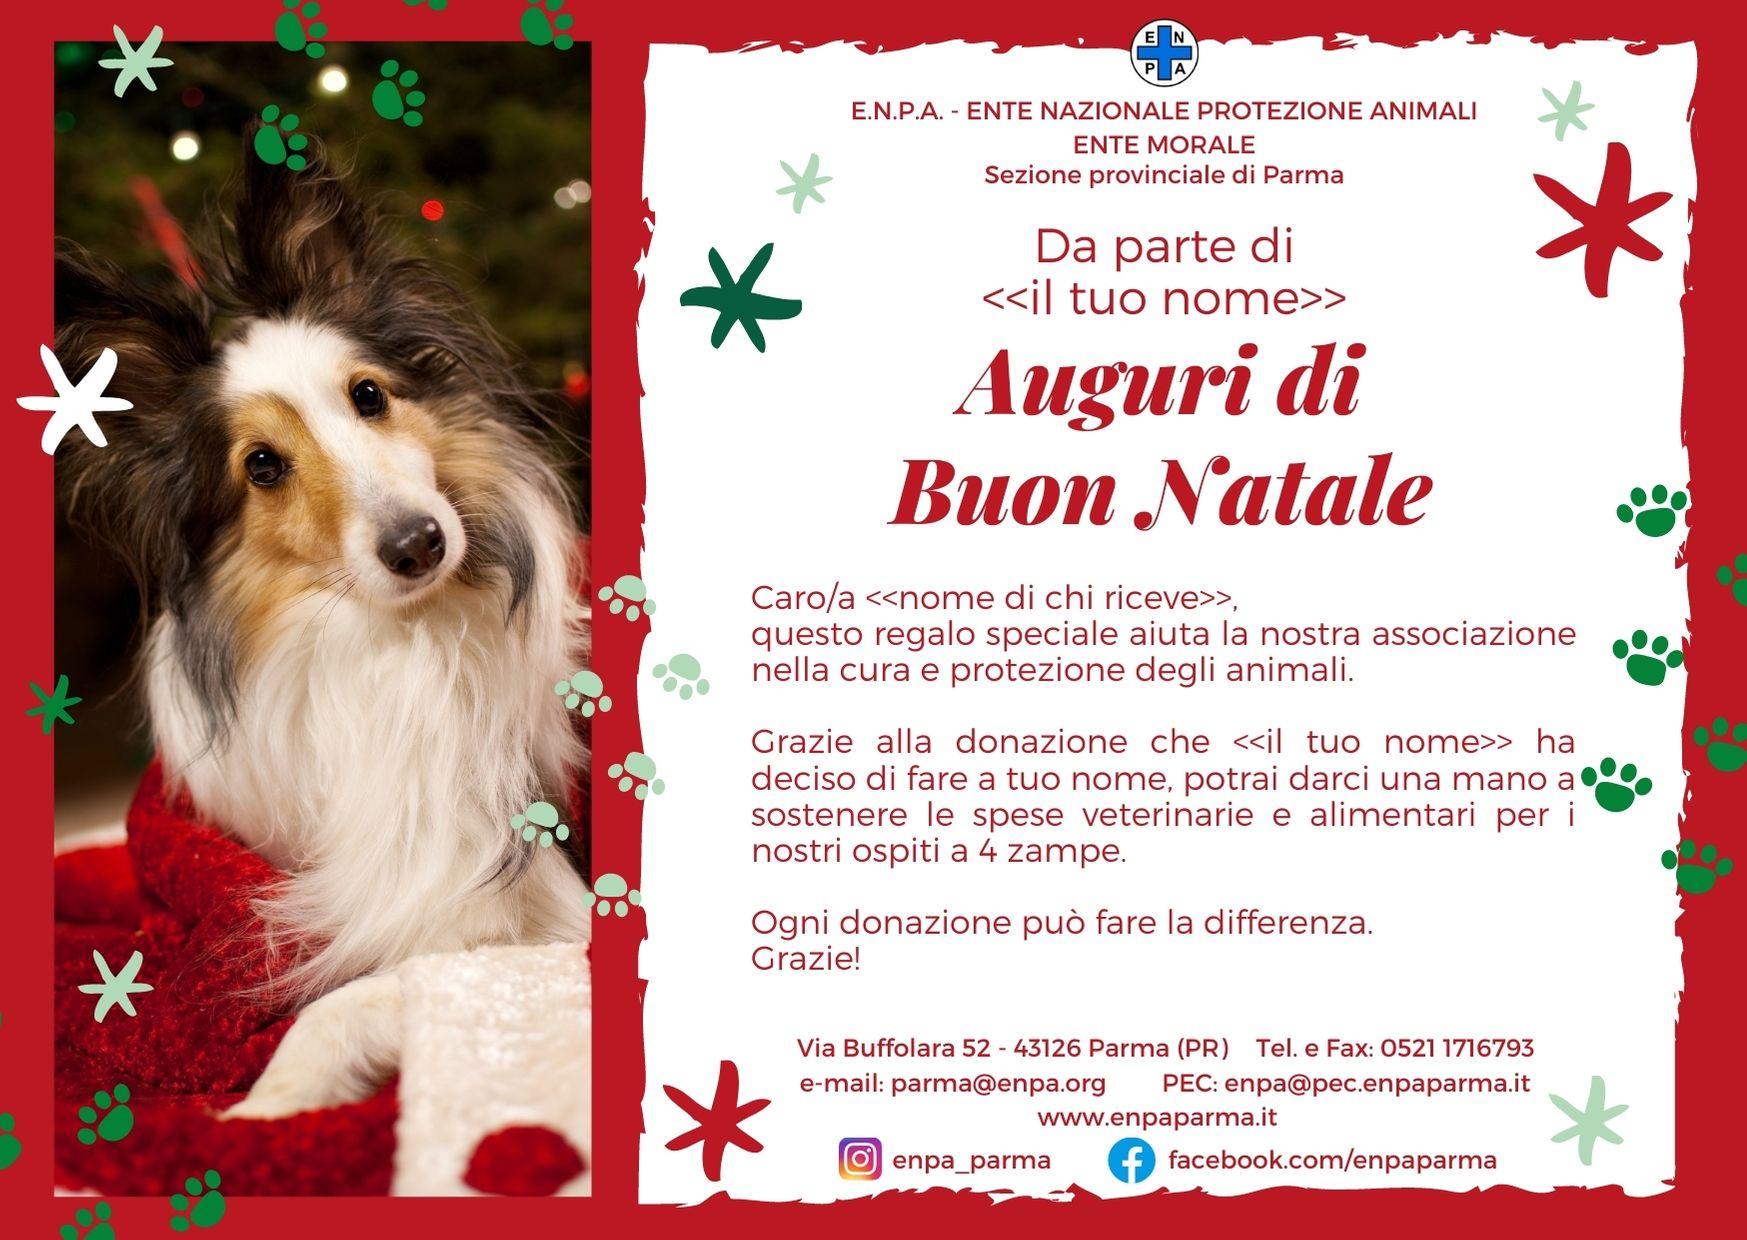 Natale Con ENPA (cane - 5€)